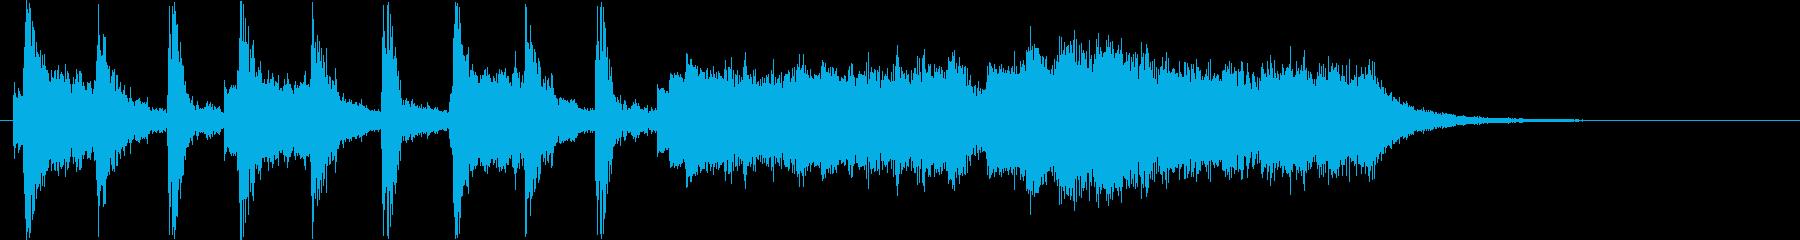 楽しげなバイオリンポップスの再生済みの波形